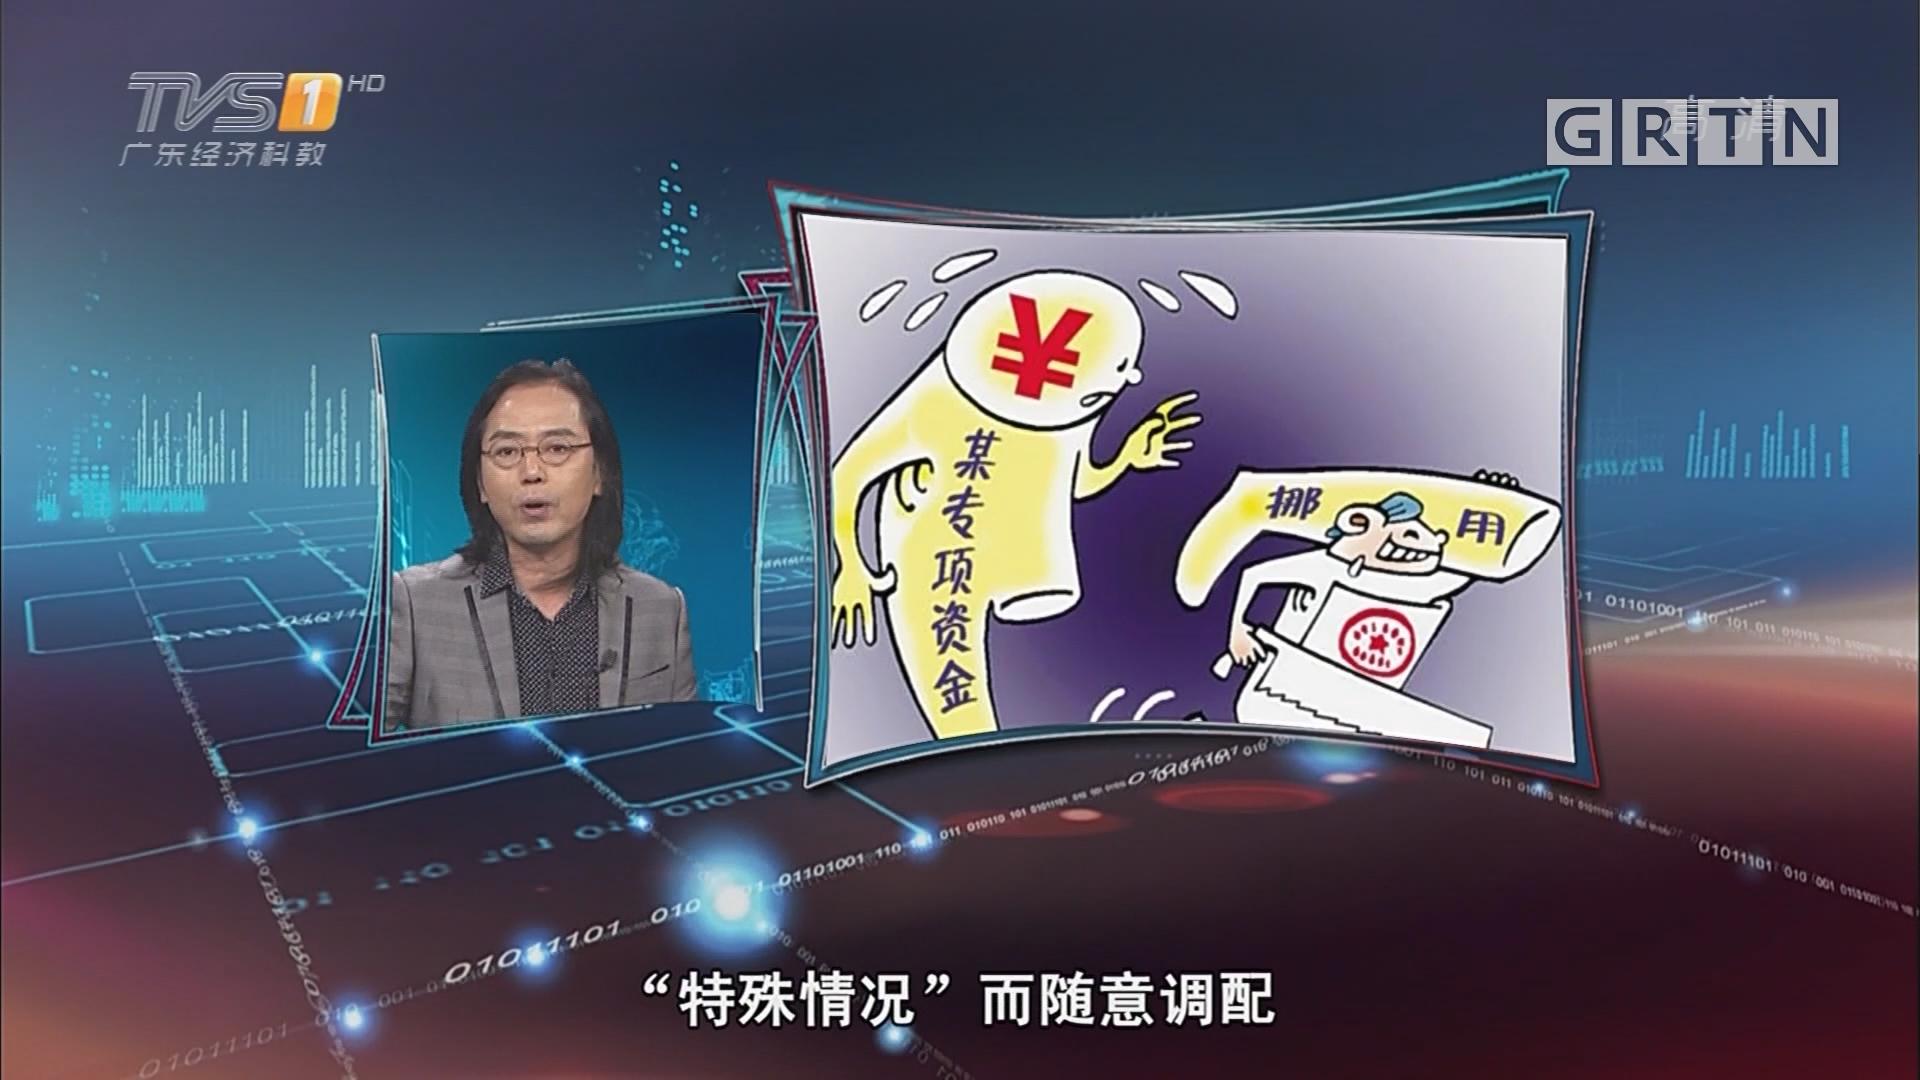 [HD][2019-01-17]马后炮:欠薪主角变成地方政府 谁来问罪